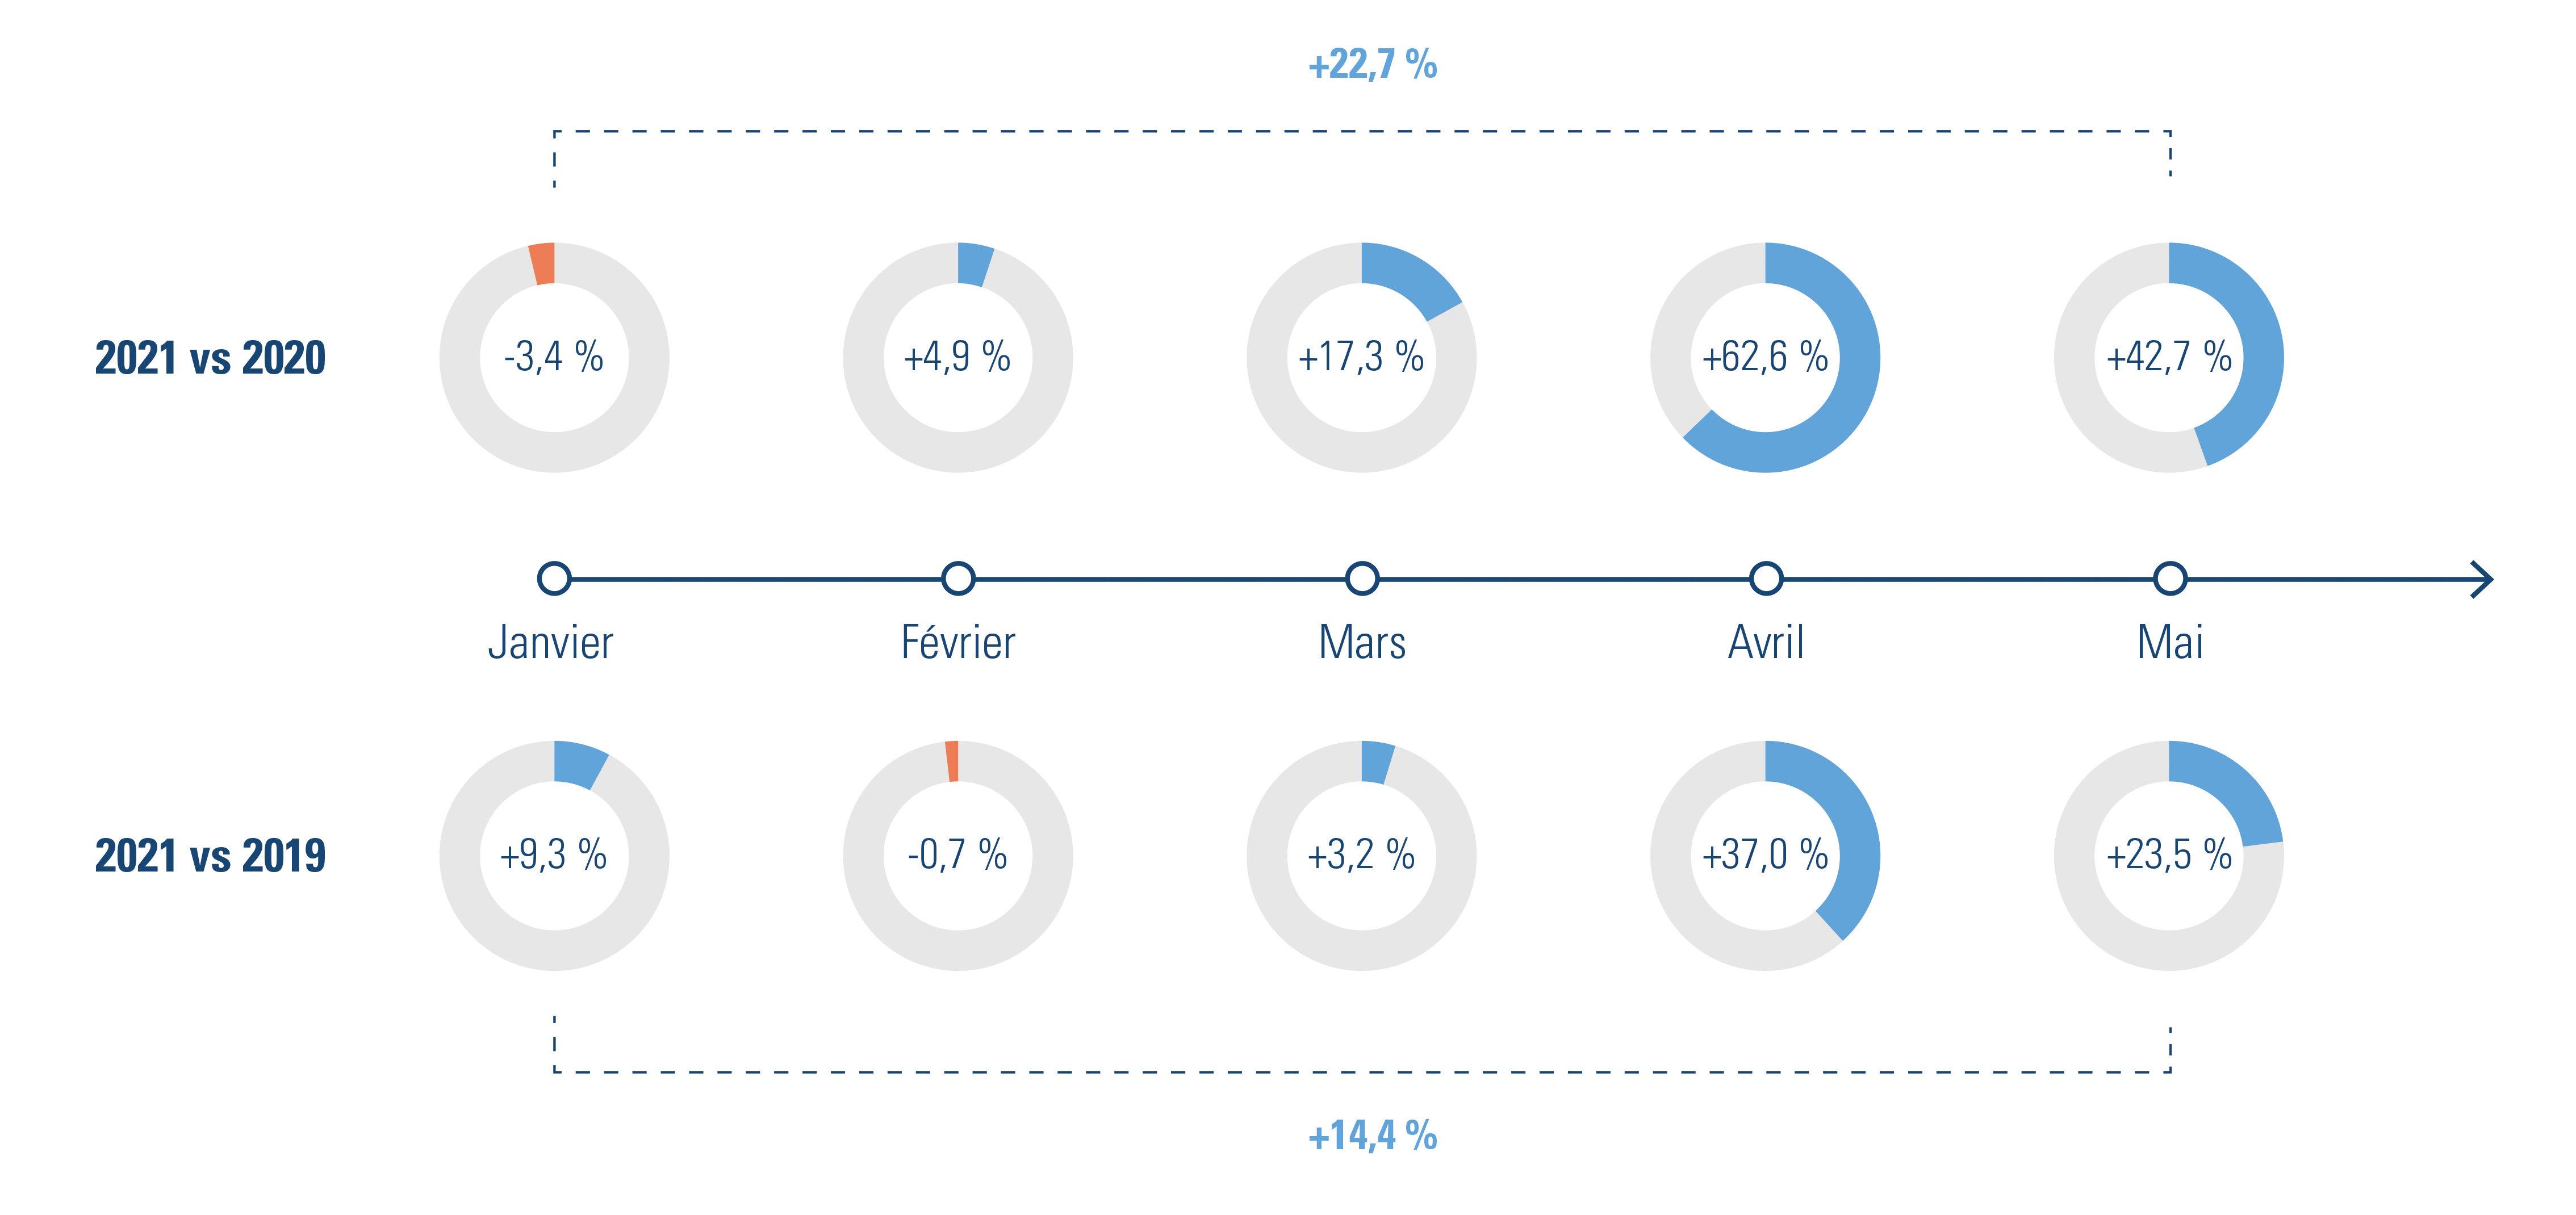 Contrats à durée indéterminée rompus, comparaison mois par mois